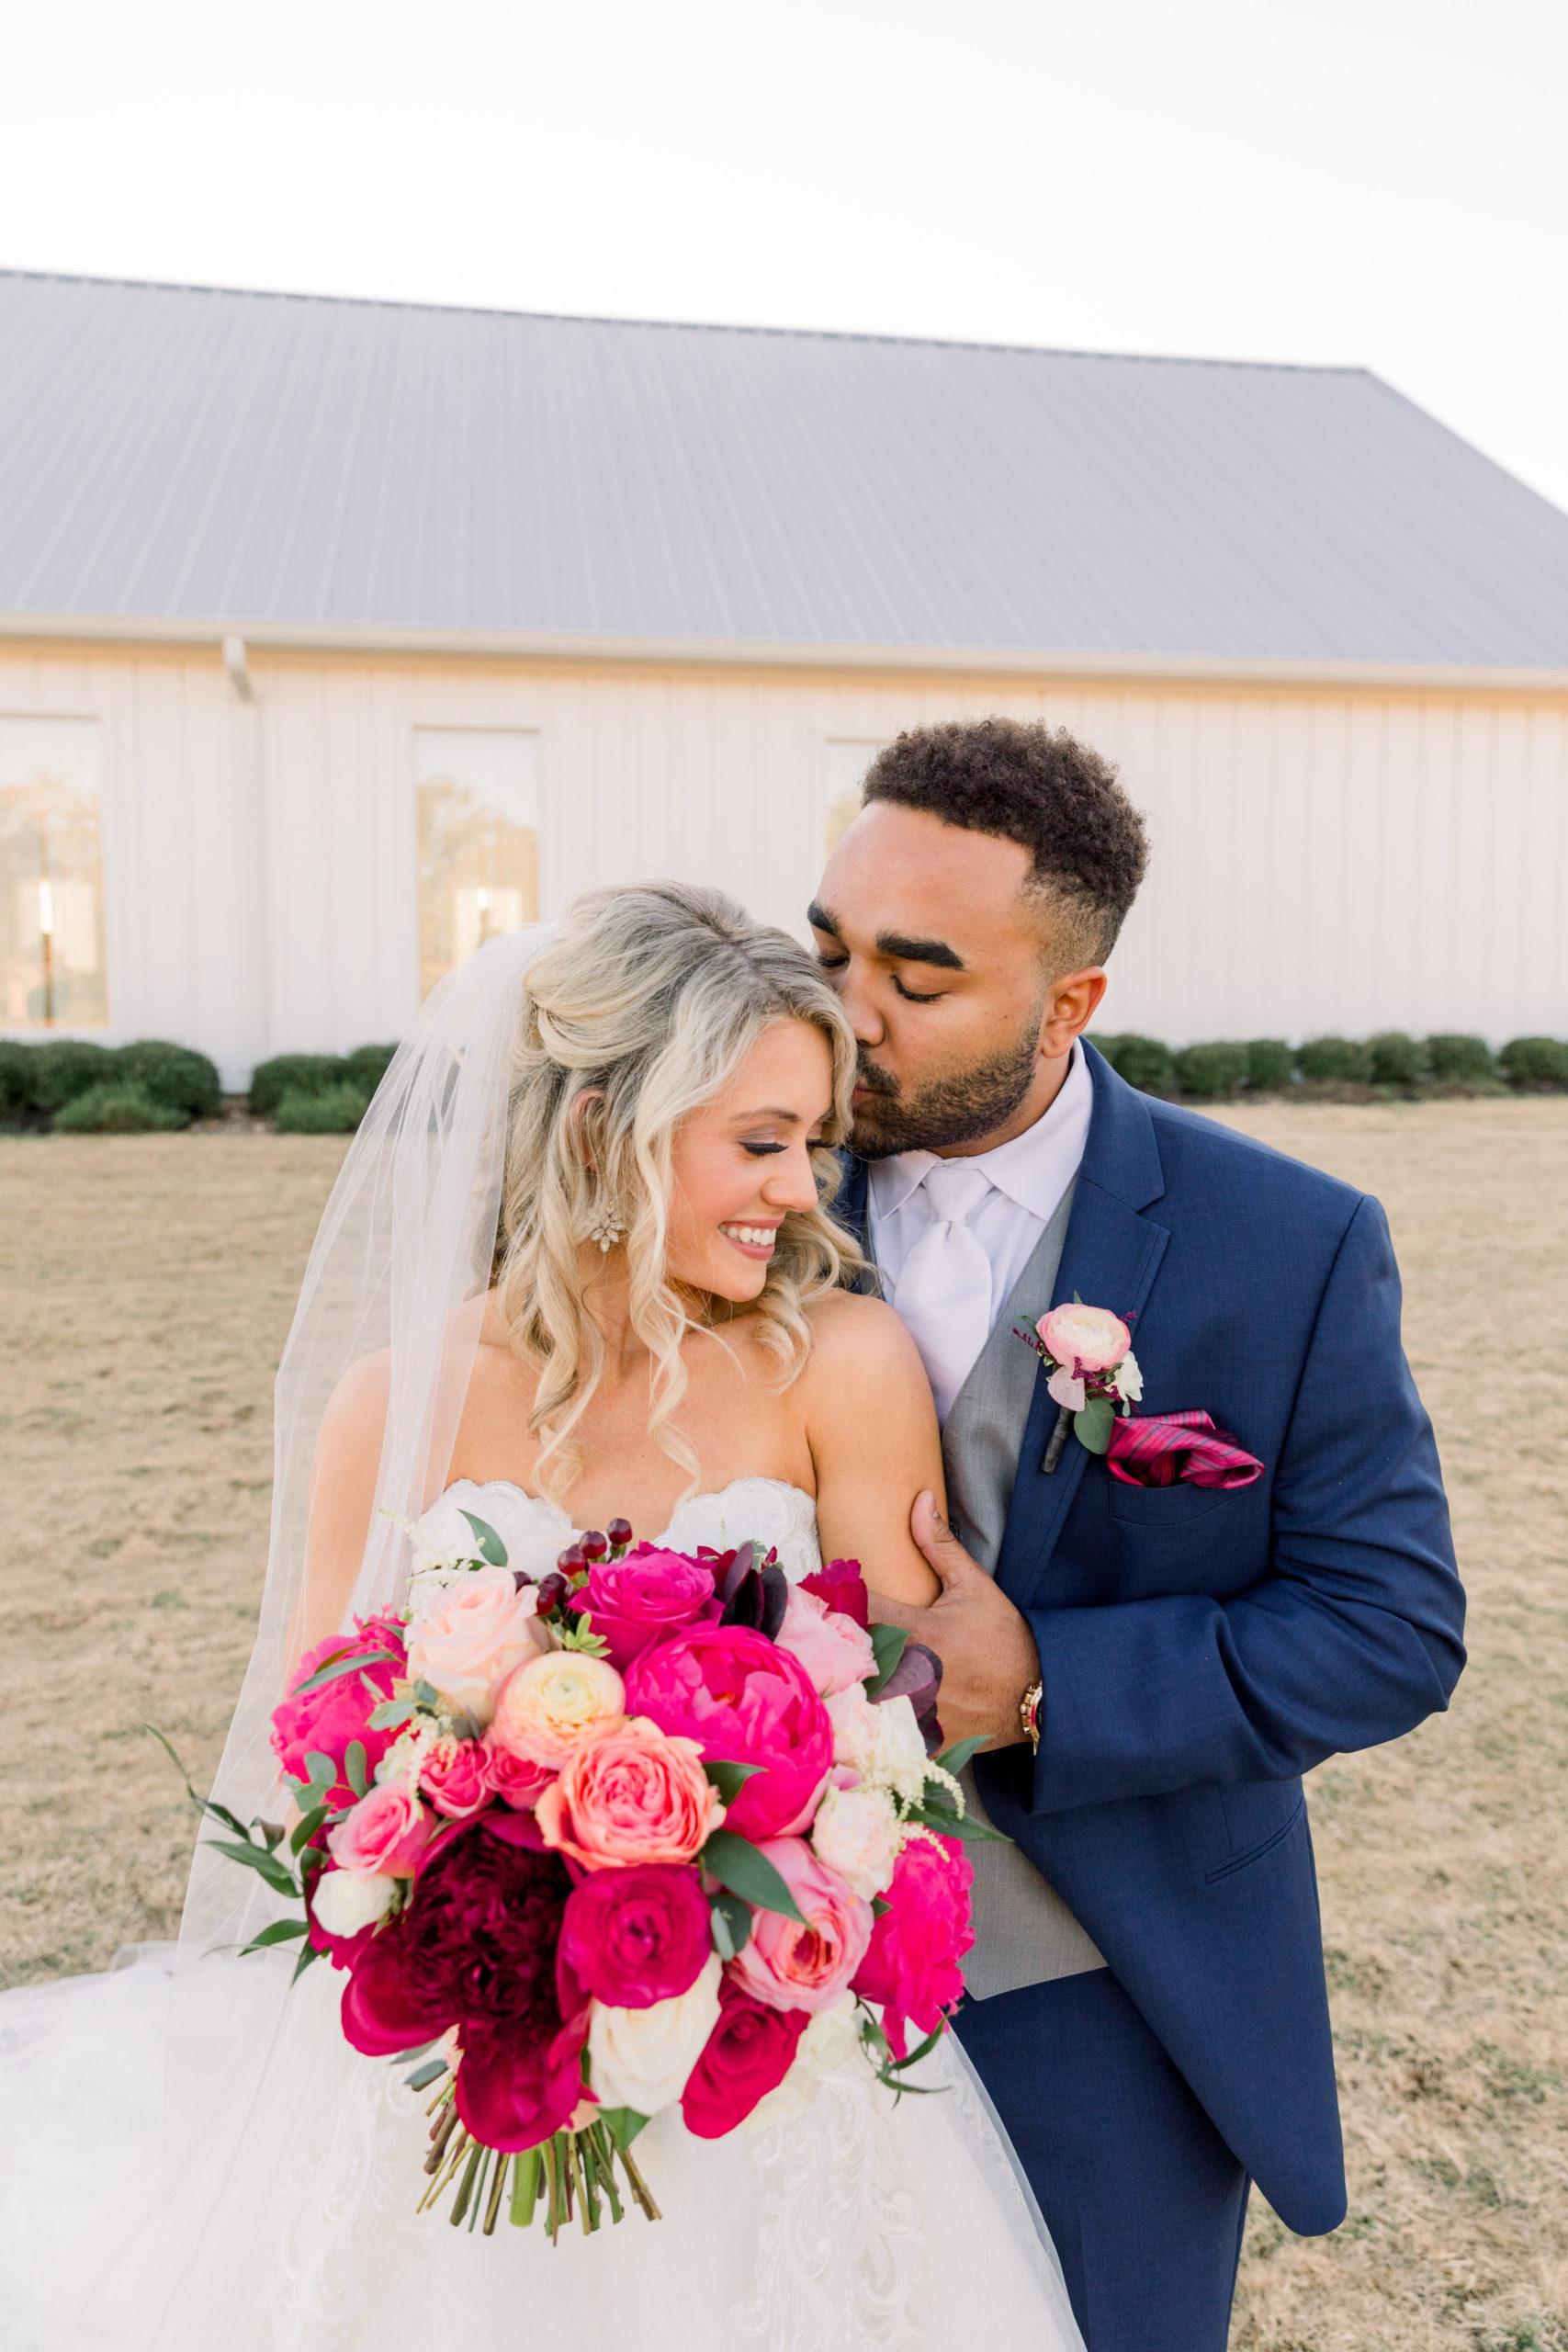 Bryce + Christi   The Farmhouse Houston Wedding